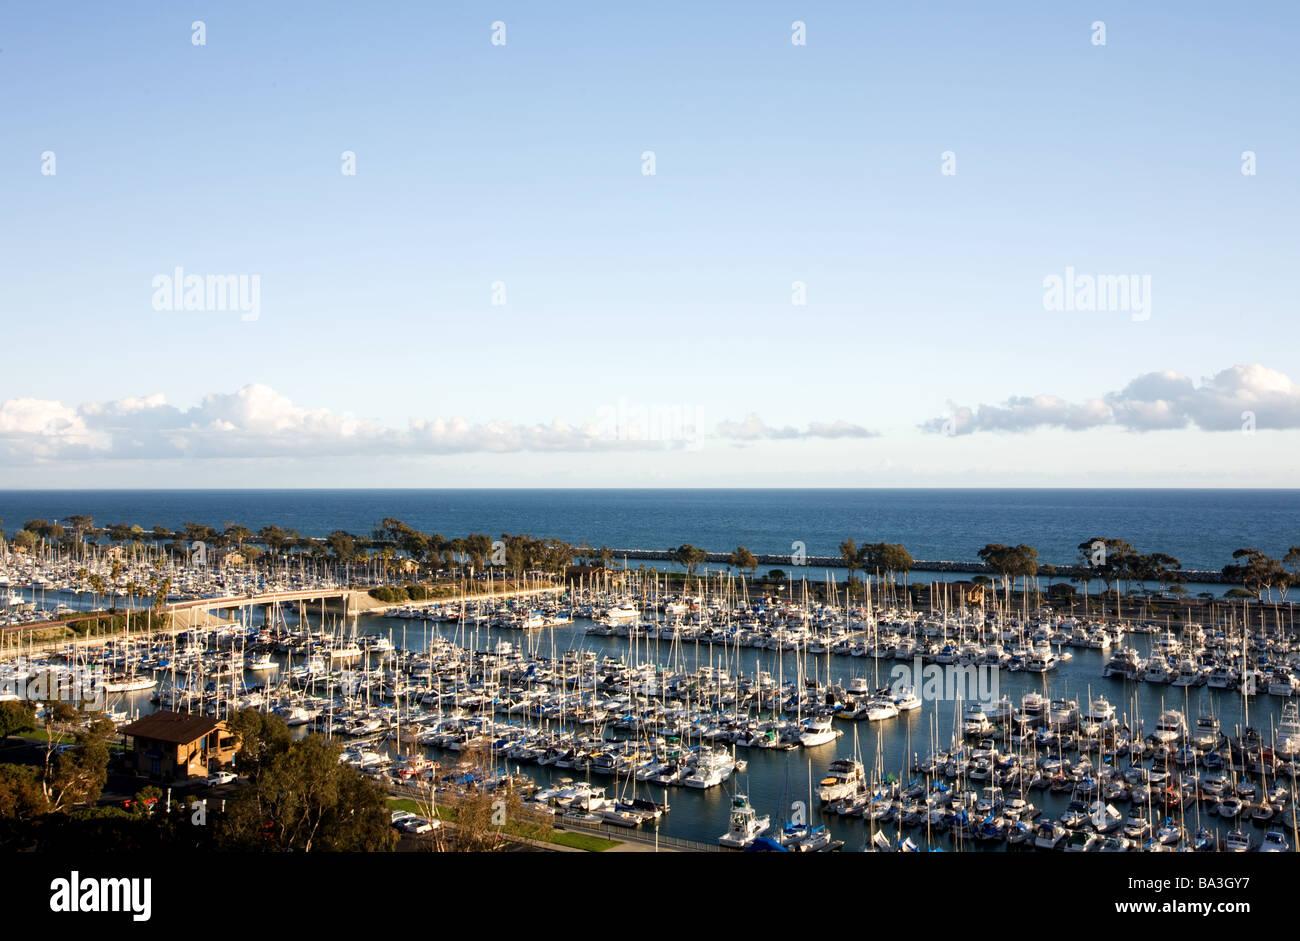 Dana Point Harbor CA USA - Stock Image